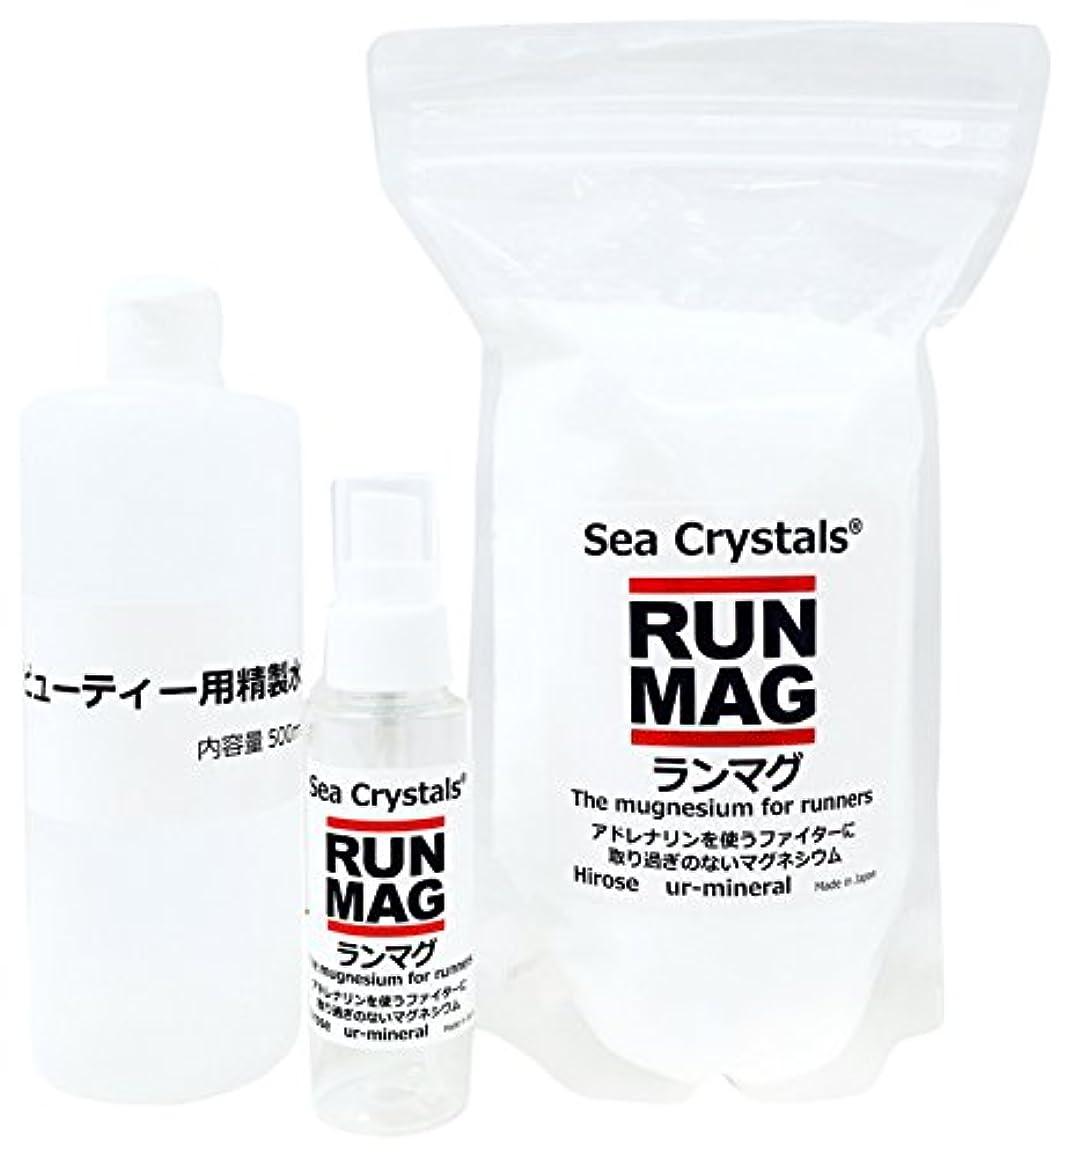 内部ドリルだますランマグ?マグネシウムオイル 500g 化粧品登録 日本製 1日マグネシウム360mg使用  精製水付き